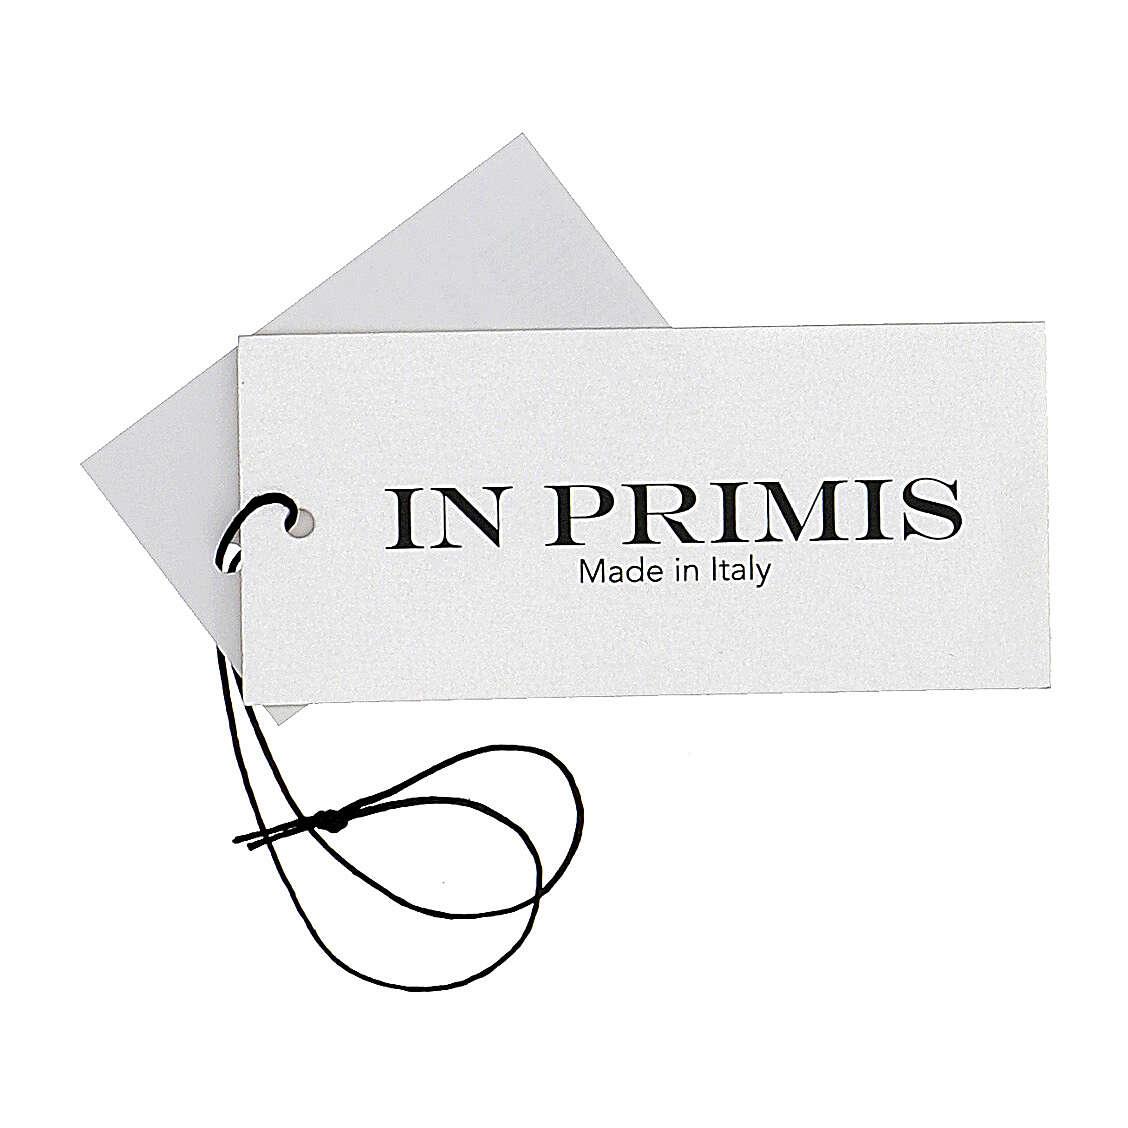 Colete sacerdote aberto 50% lã de merino 50% acrílico tricô plano antracite In Primis 4